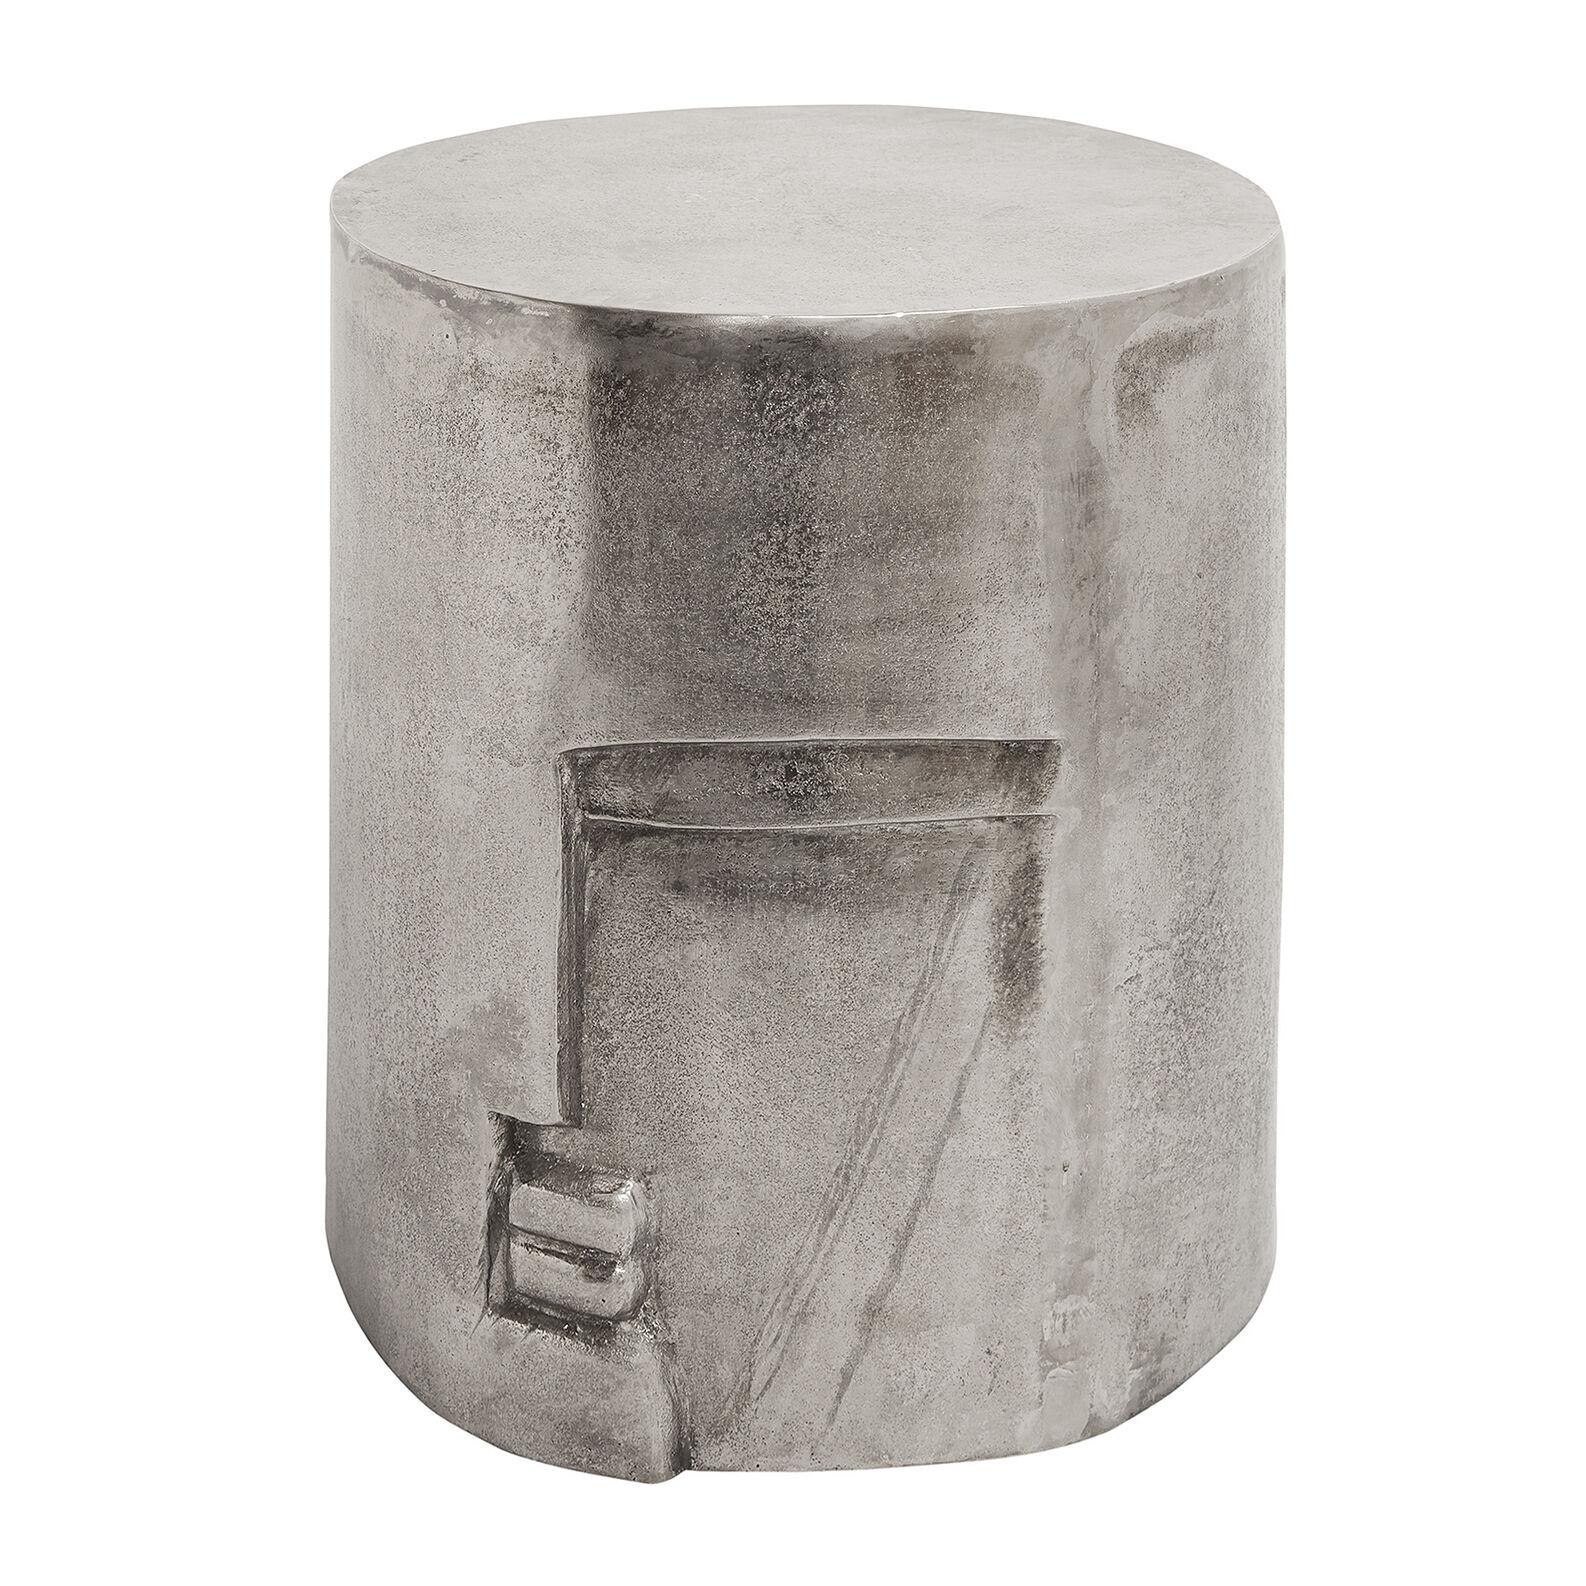 Bauhaus stool/small table in aluminium